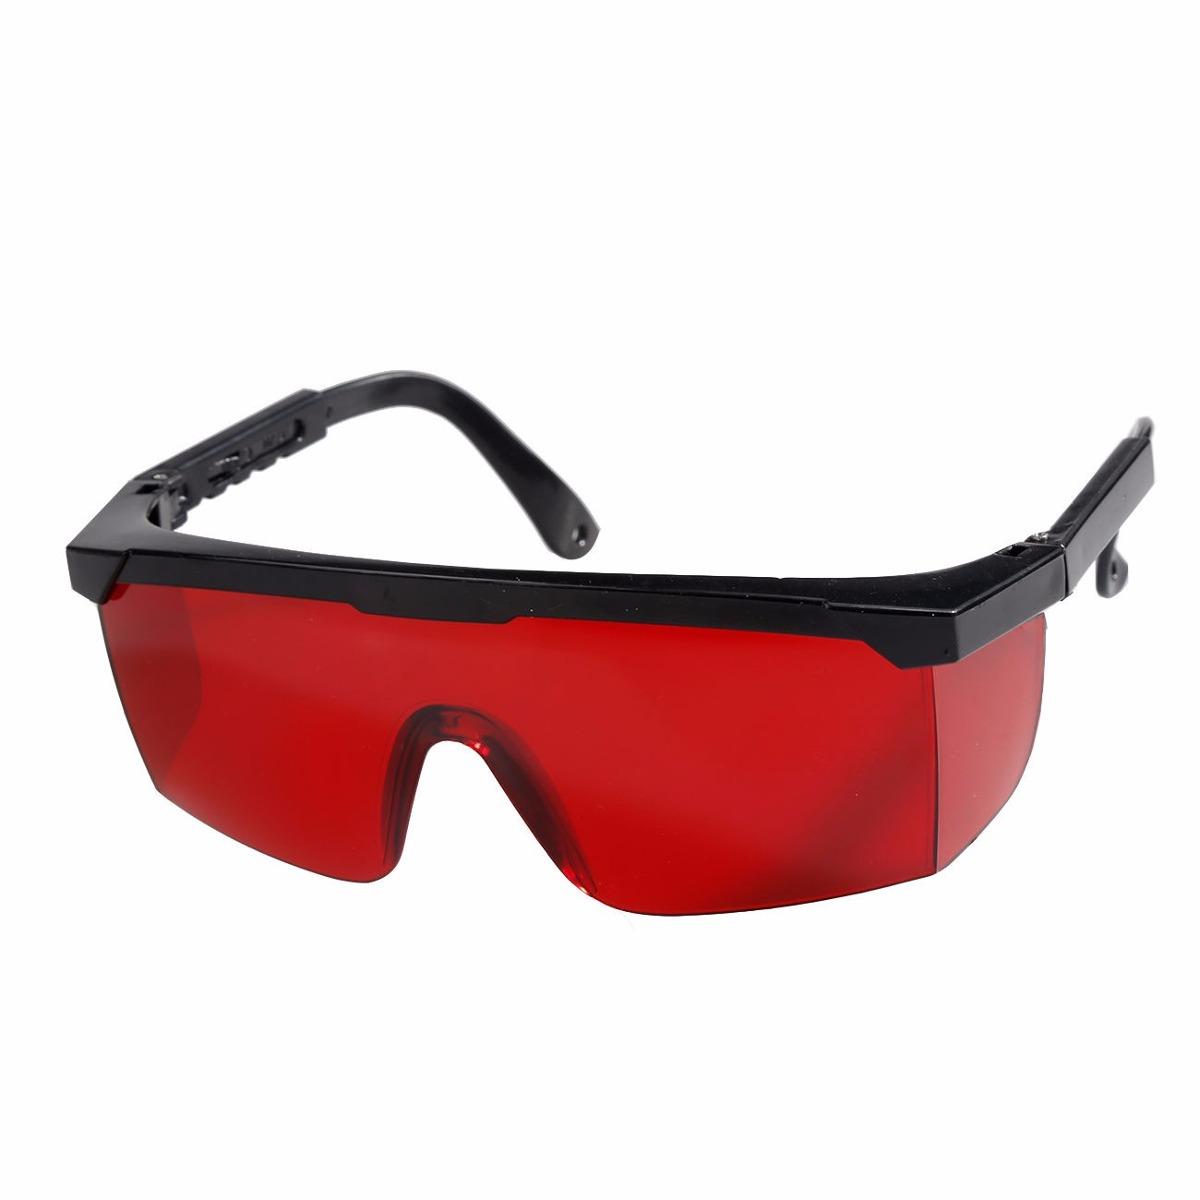 ca7f578e4f gafas lentes laser aumento visibilidad medidores bosch m0005. Cargando zoom.